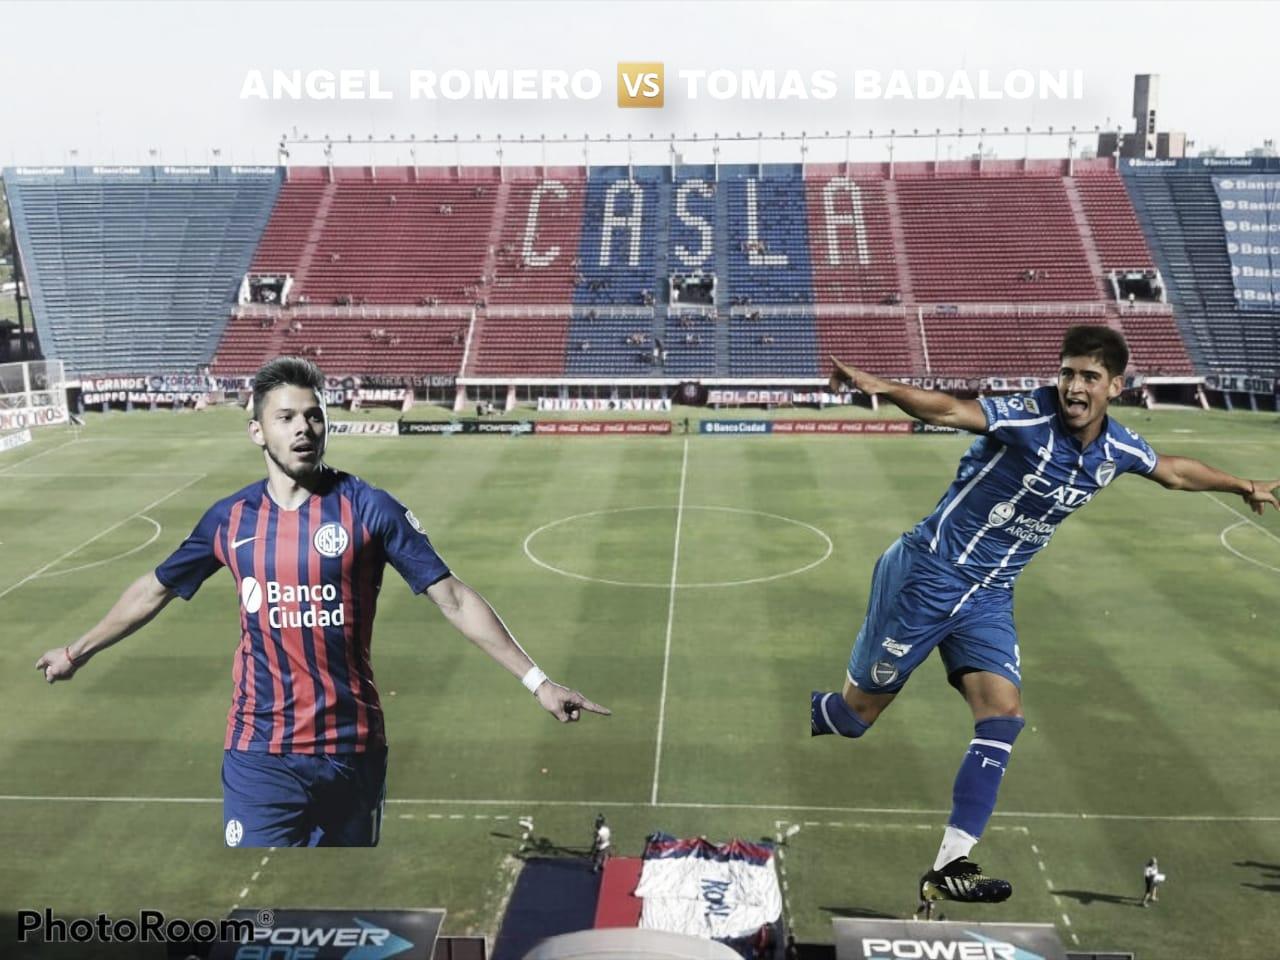 Tomás Badaloni vs Ángel Romero: Directos rivales